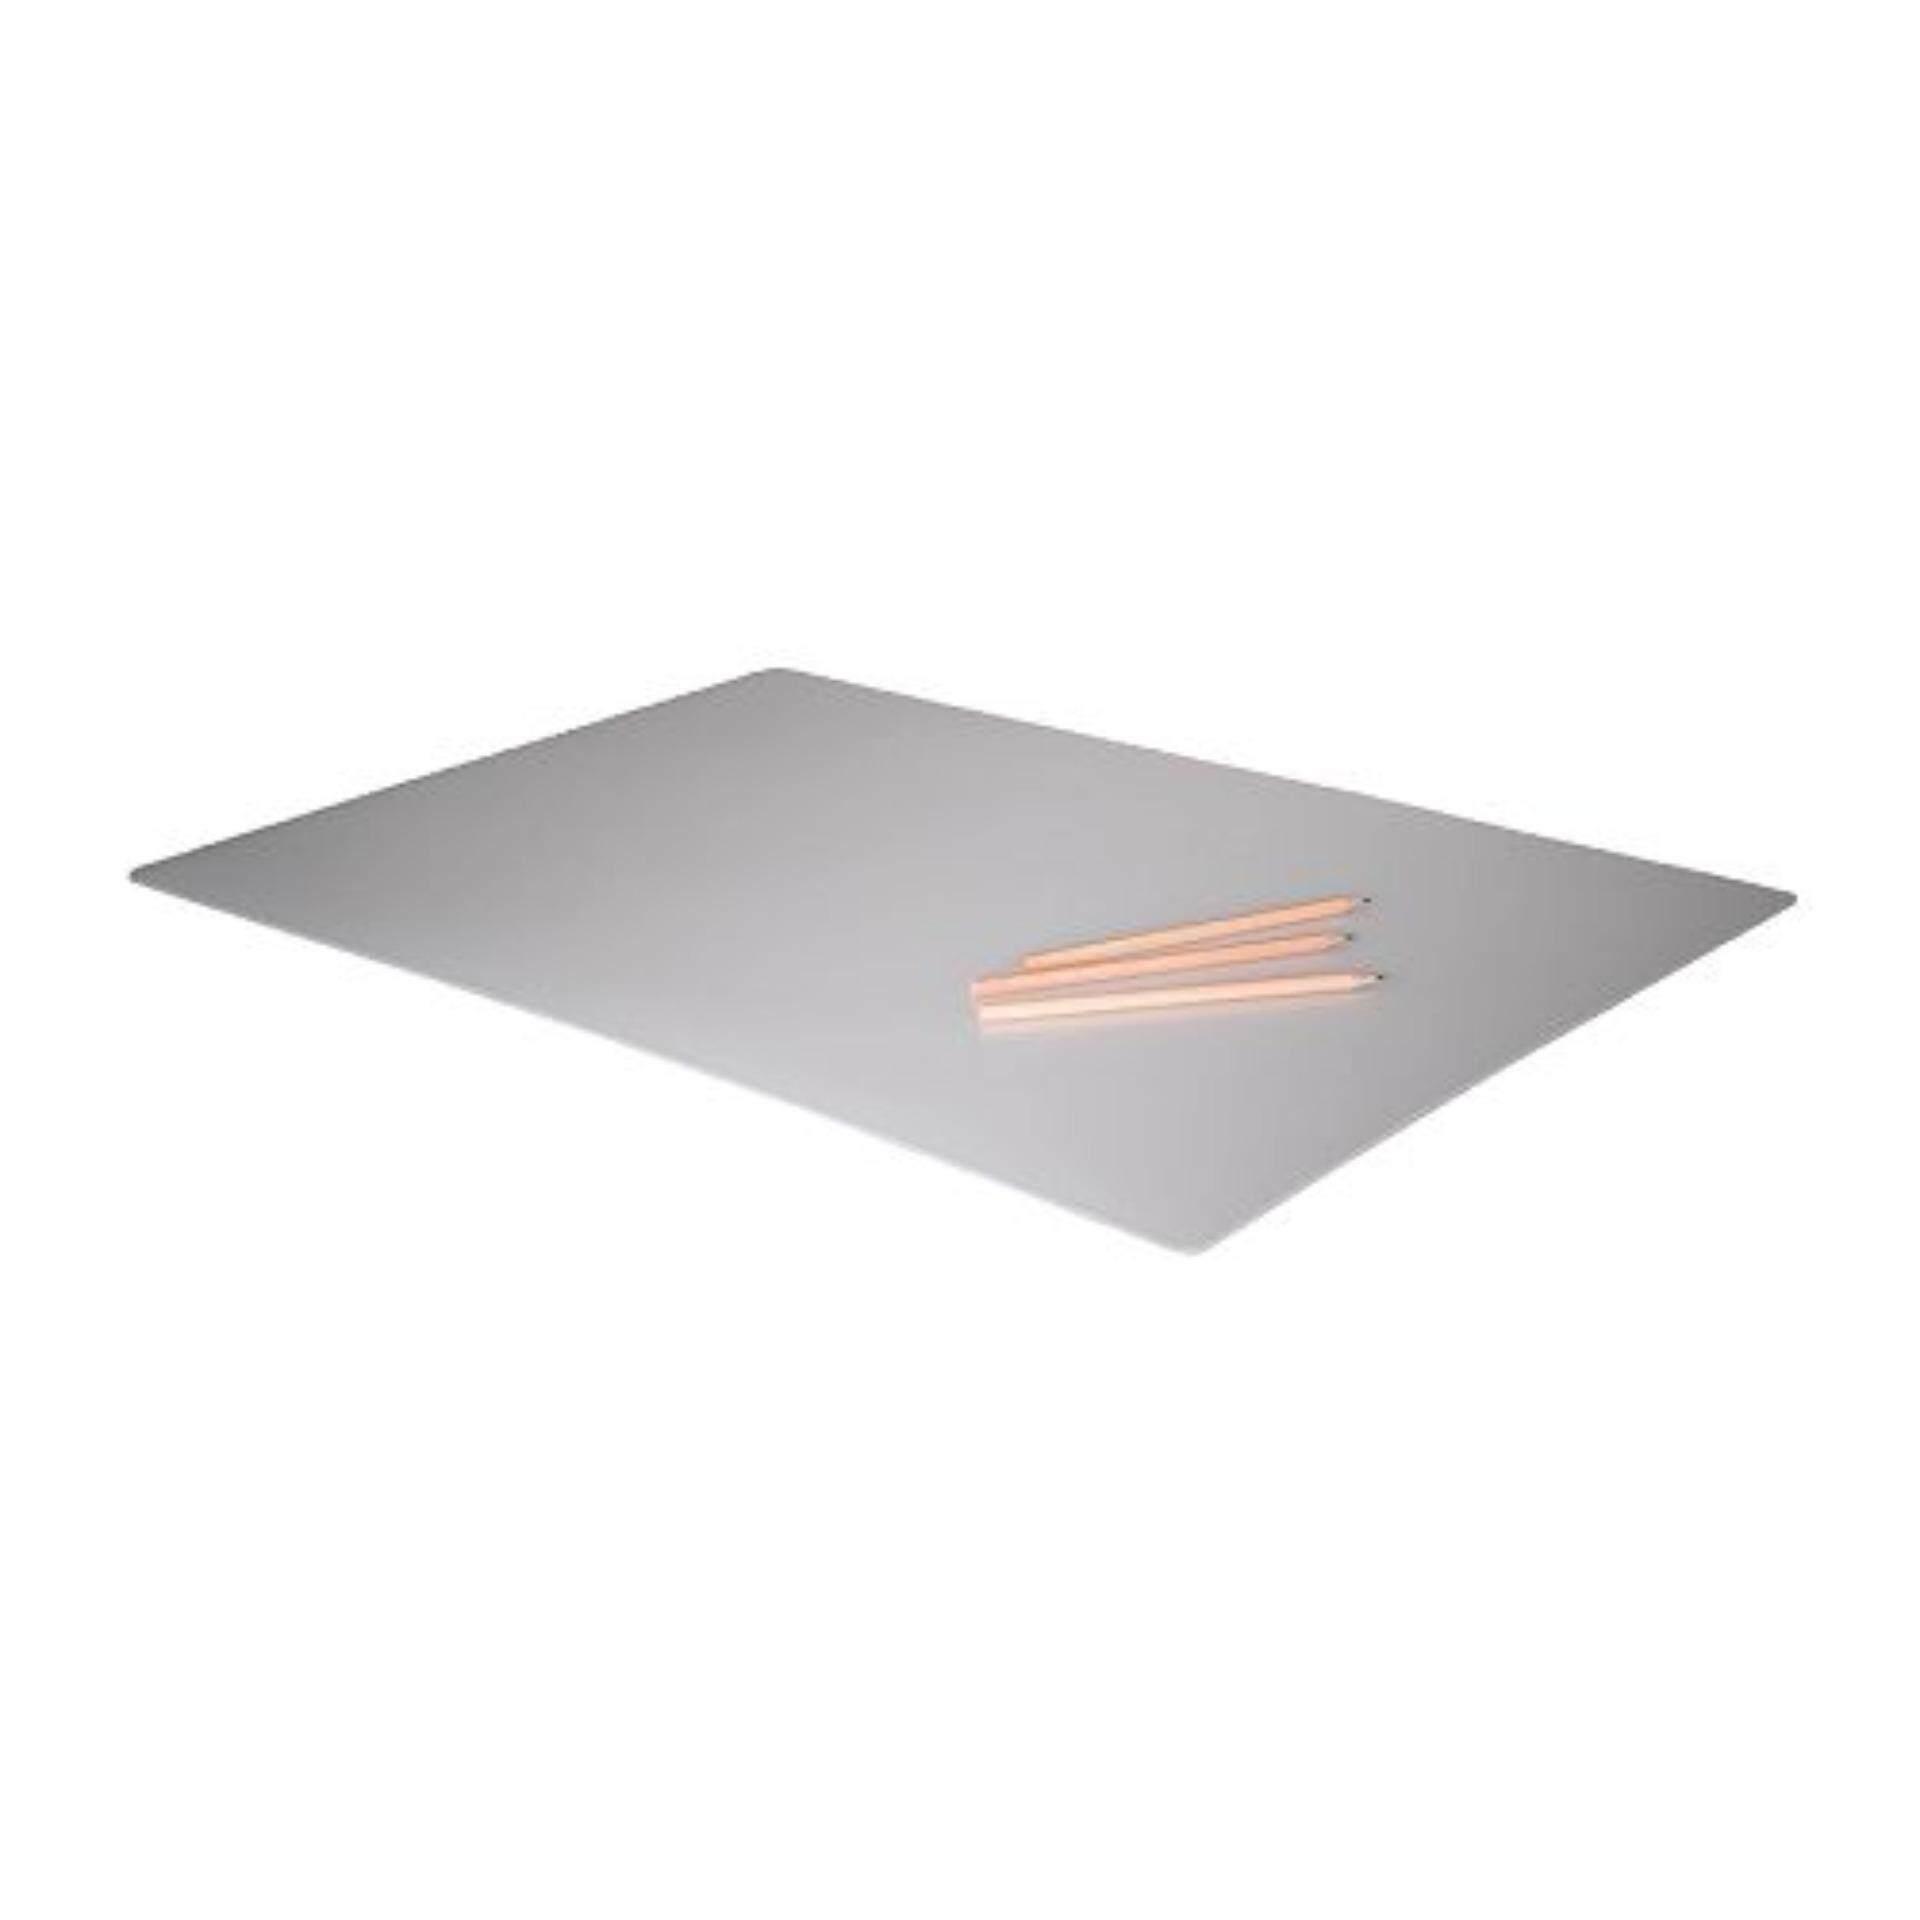 ขาย Skrutt แผ่นรองเขียน Desk Pad 65 45 Cm ขาว Unbranded Generic ผู้ค้าส่ง